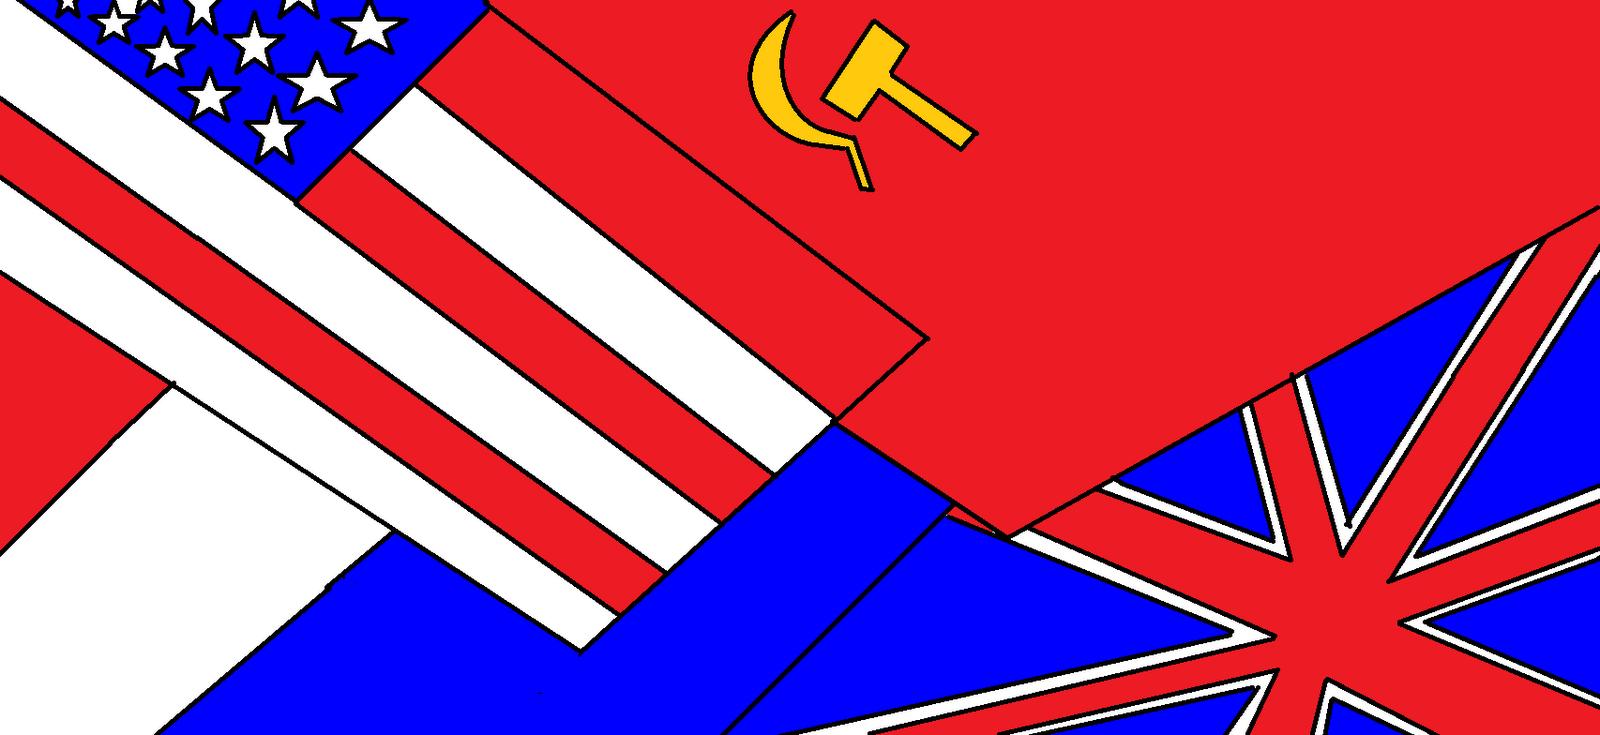 Perkembangan Industri Di Indonesia Makalah Sejarah Ruang Ilmu Komputer Makalah Pariwisata Revolusi Amerika Serikat Revolusi Perancis Revolusi Russia Revolusi